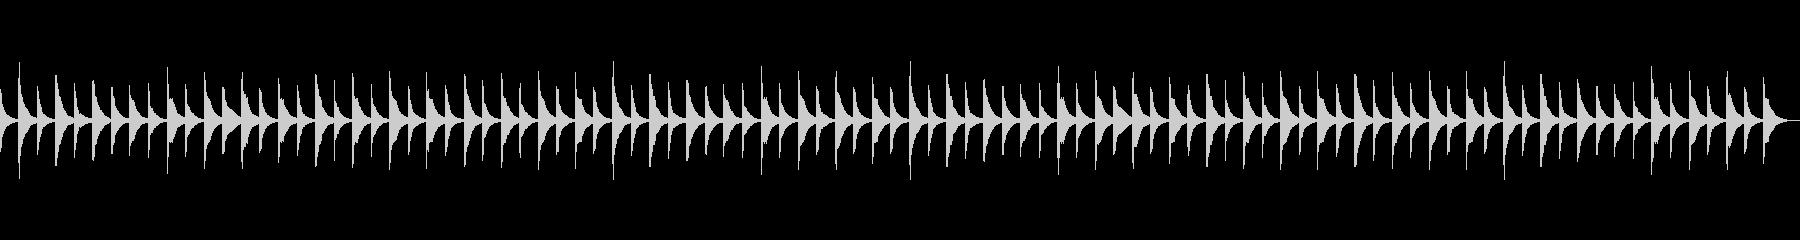 きらきら星  (マリンバ)の未再生の波形